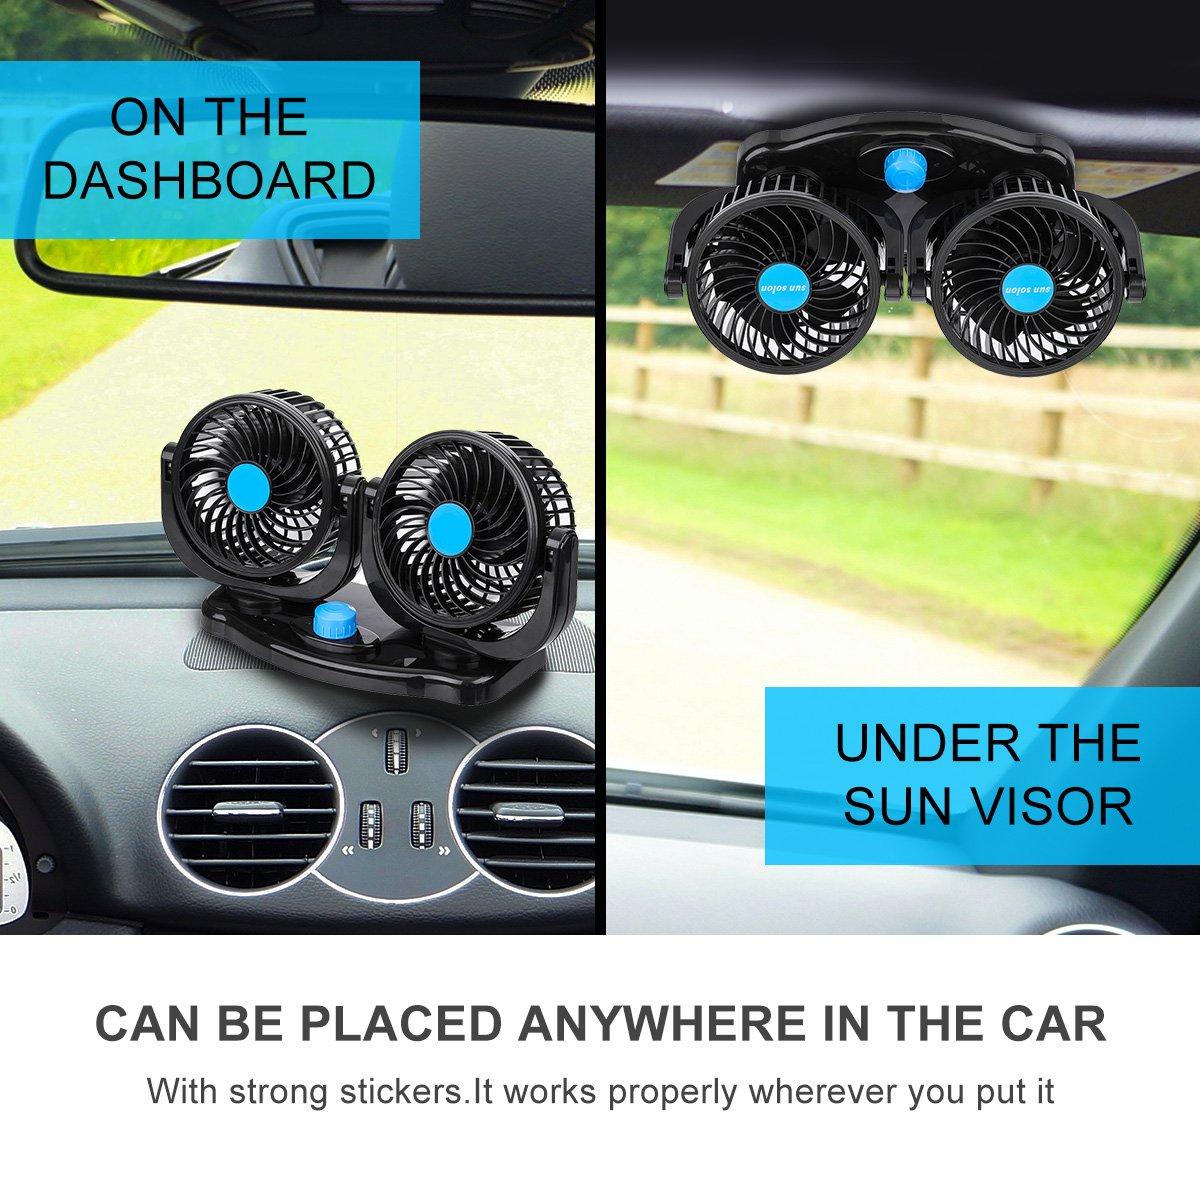 12V Ventola di raffreddamento portatile per auto Velocit/à di raffreddamento automatica silenziosa Mini accessori per lo styling per il raffreddamento